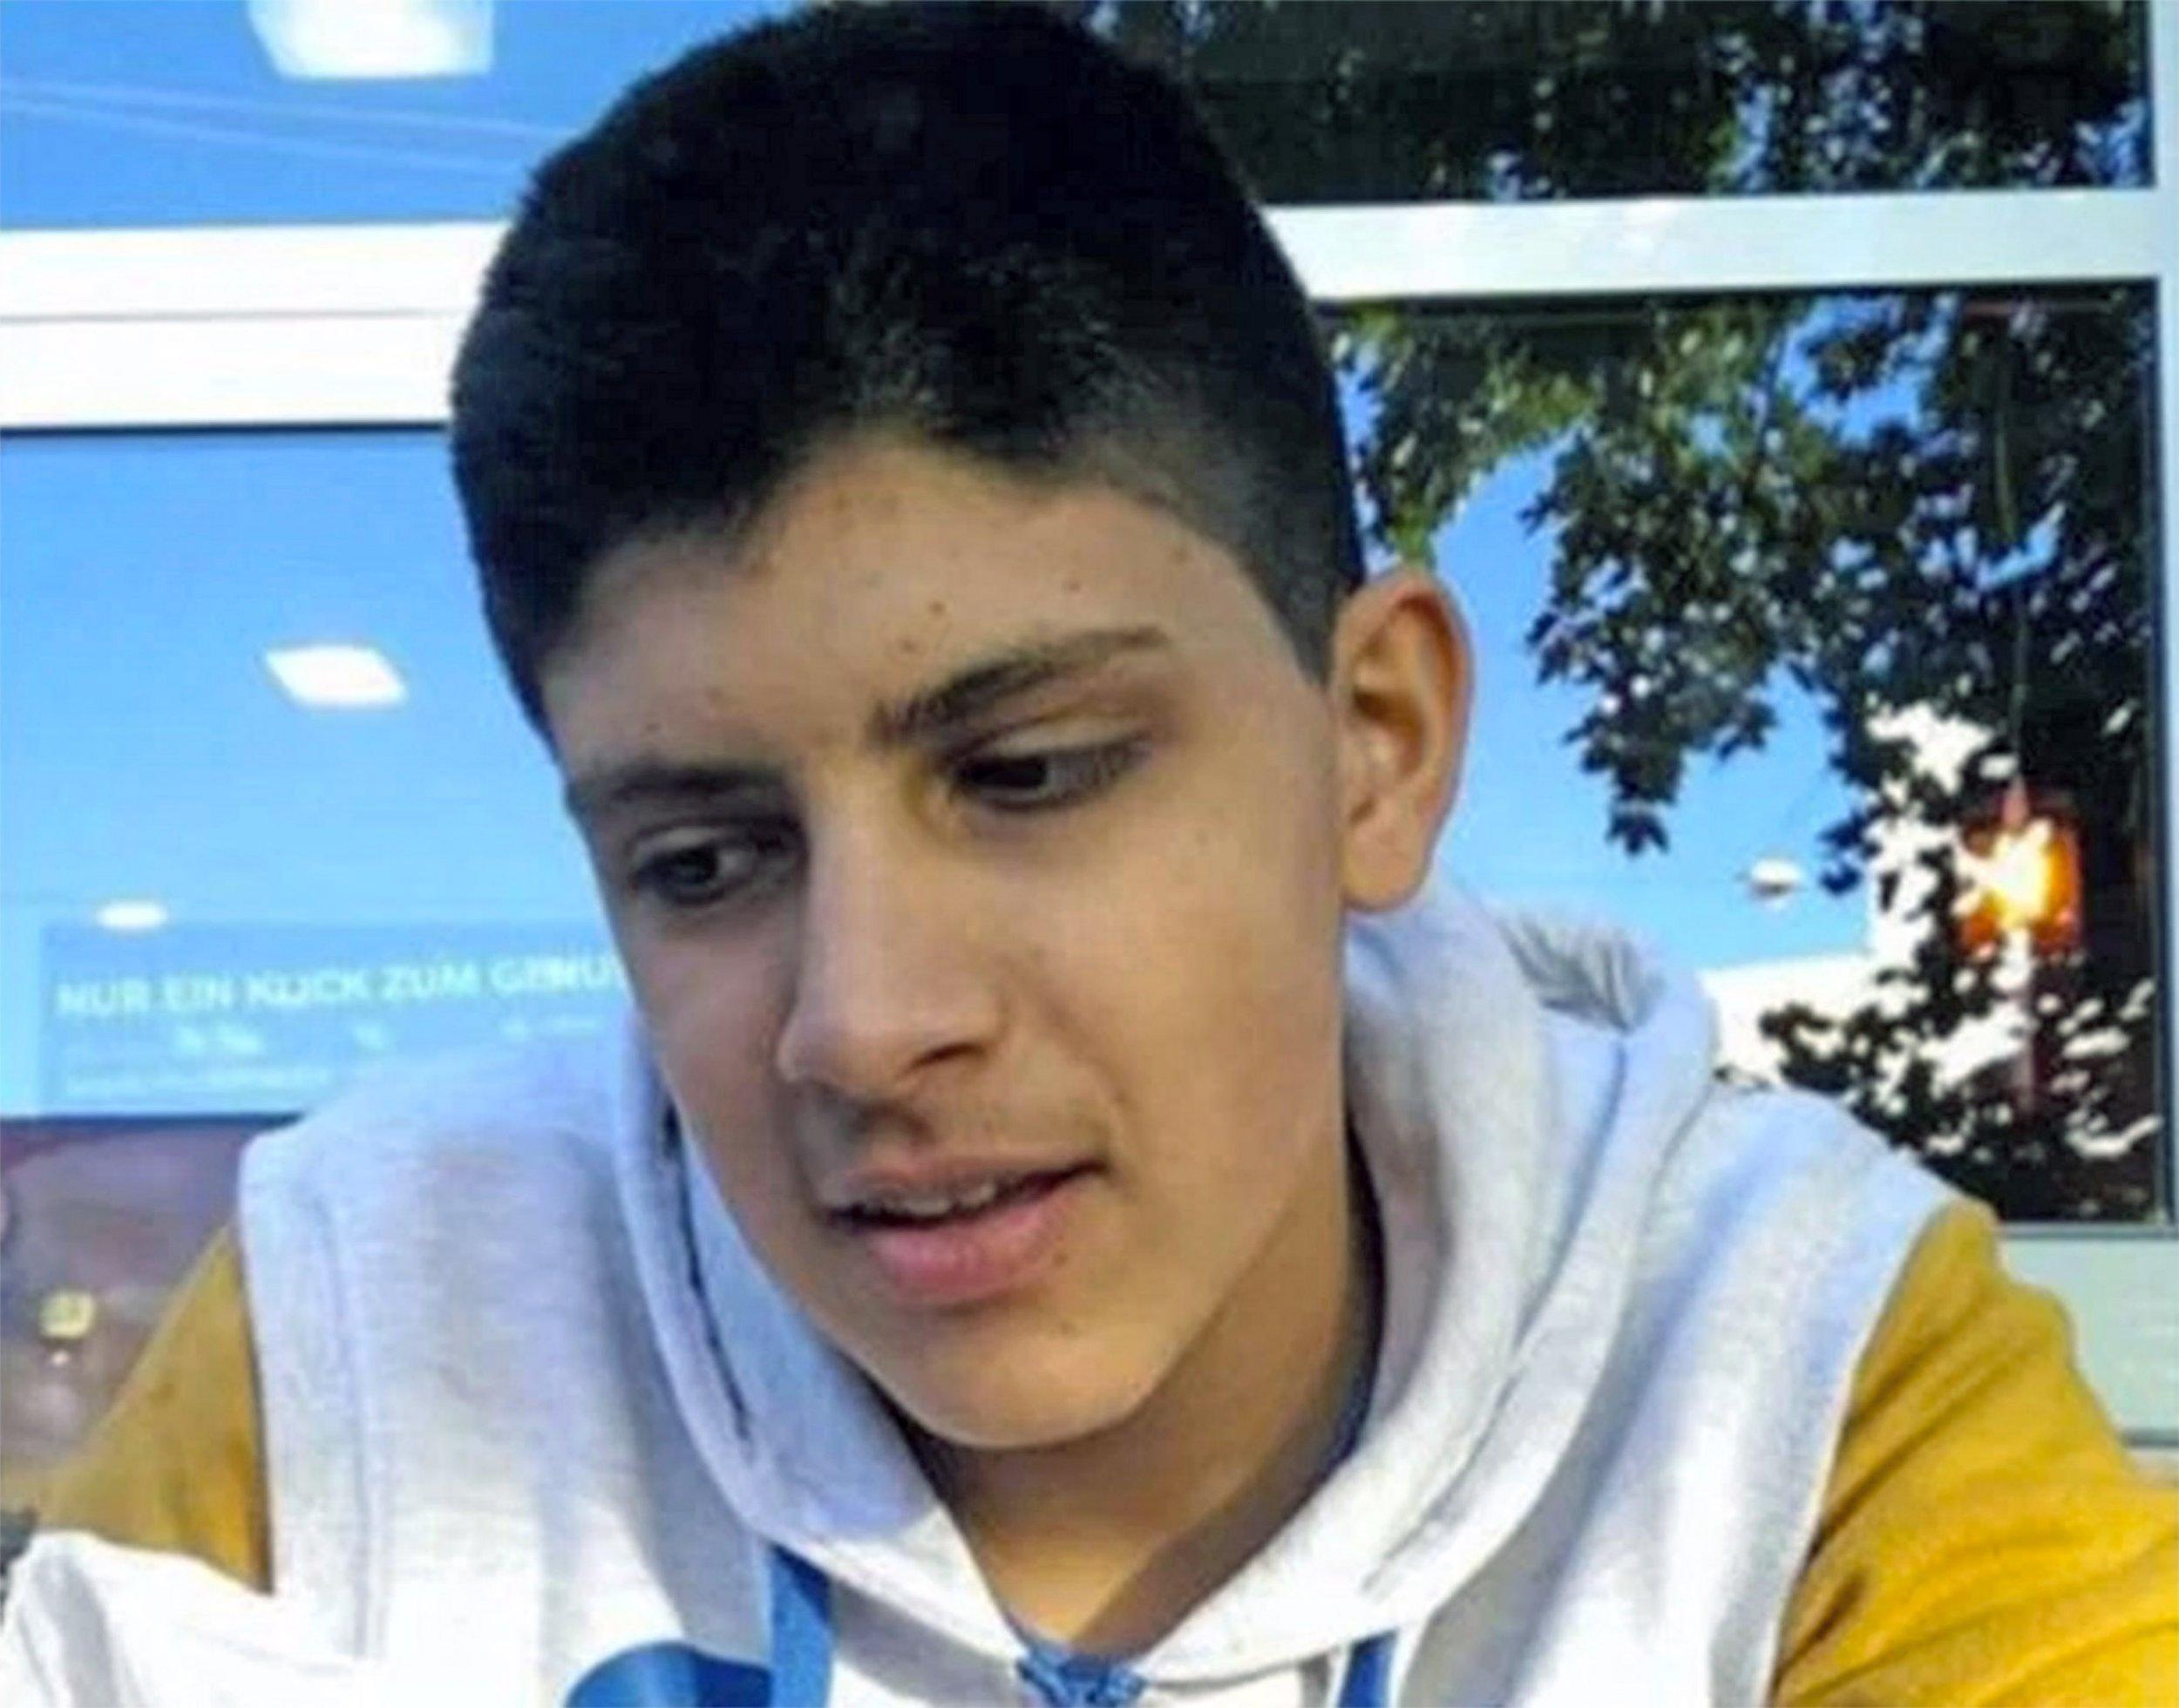 Police arrest teenage friend of Munich gunman over attack